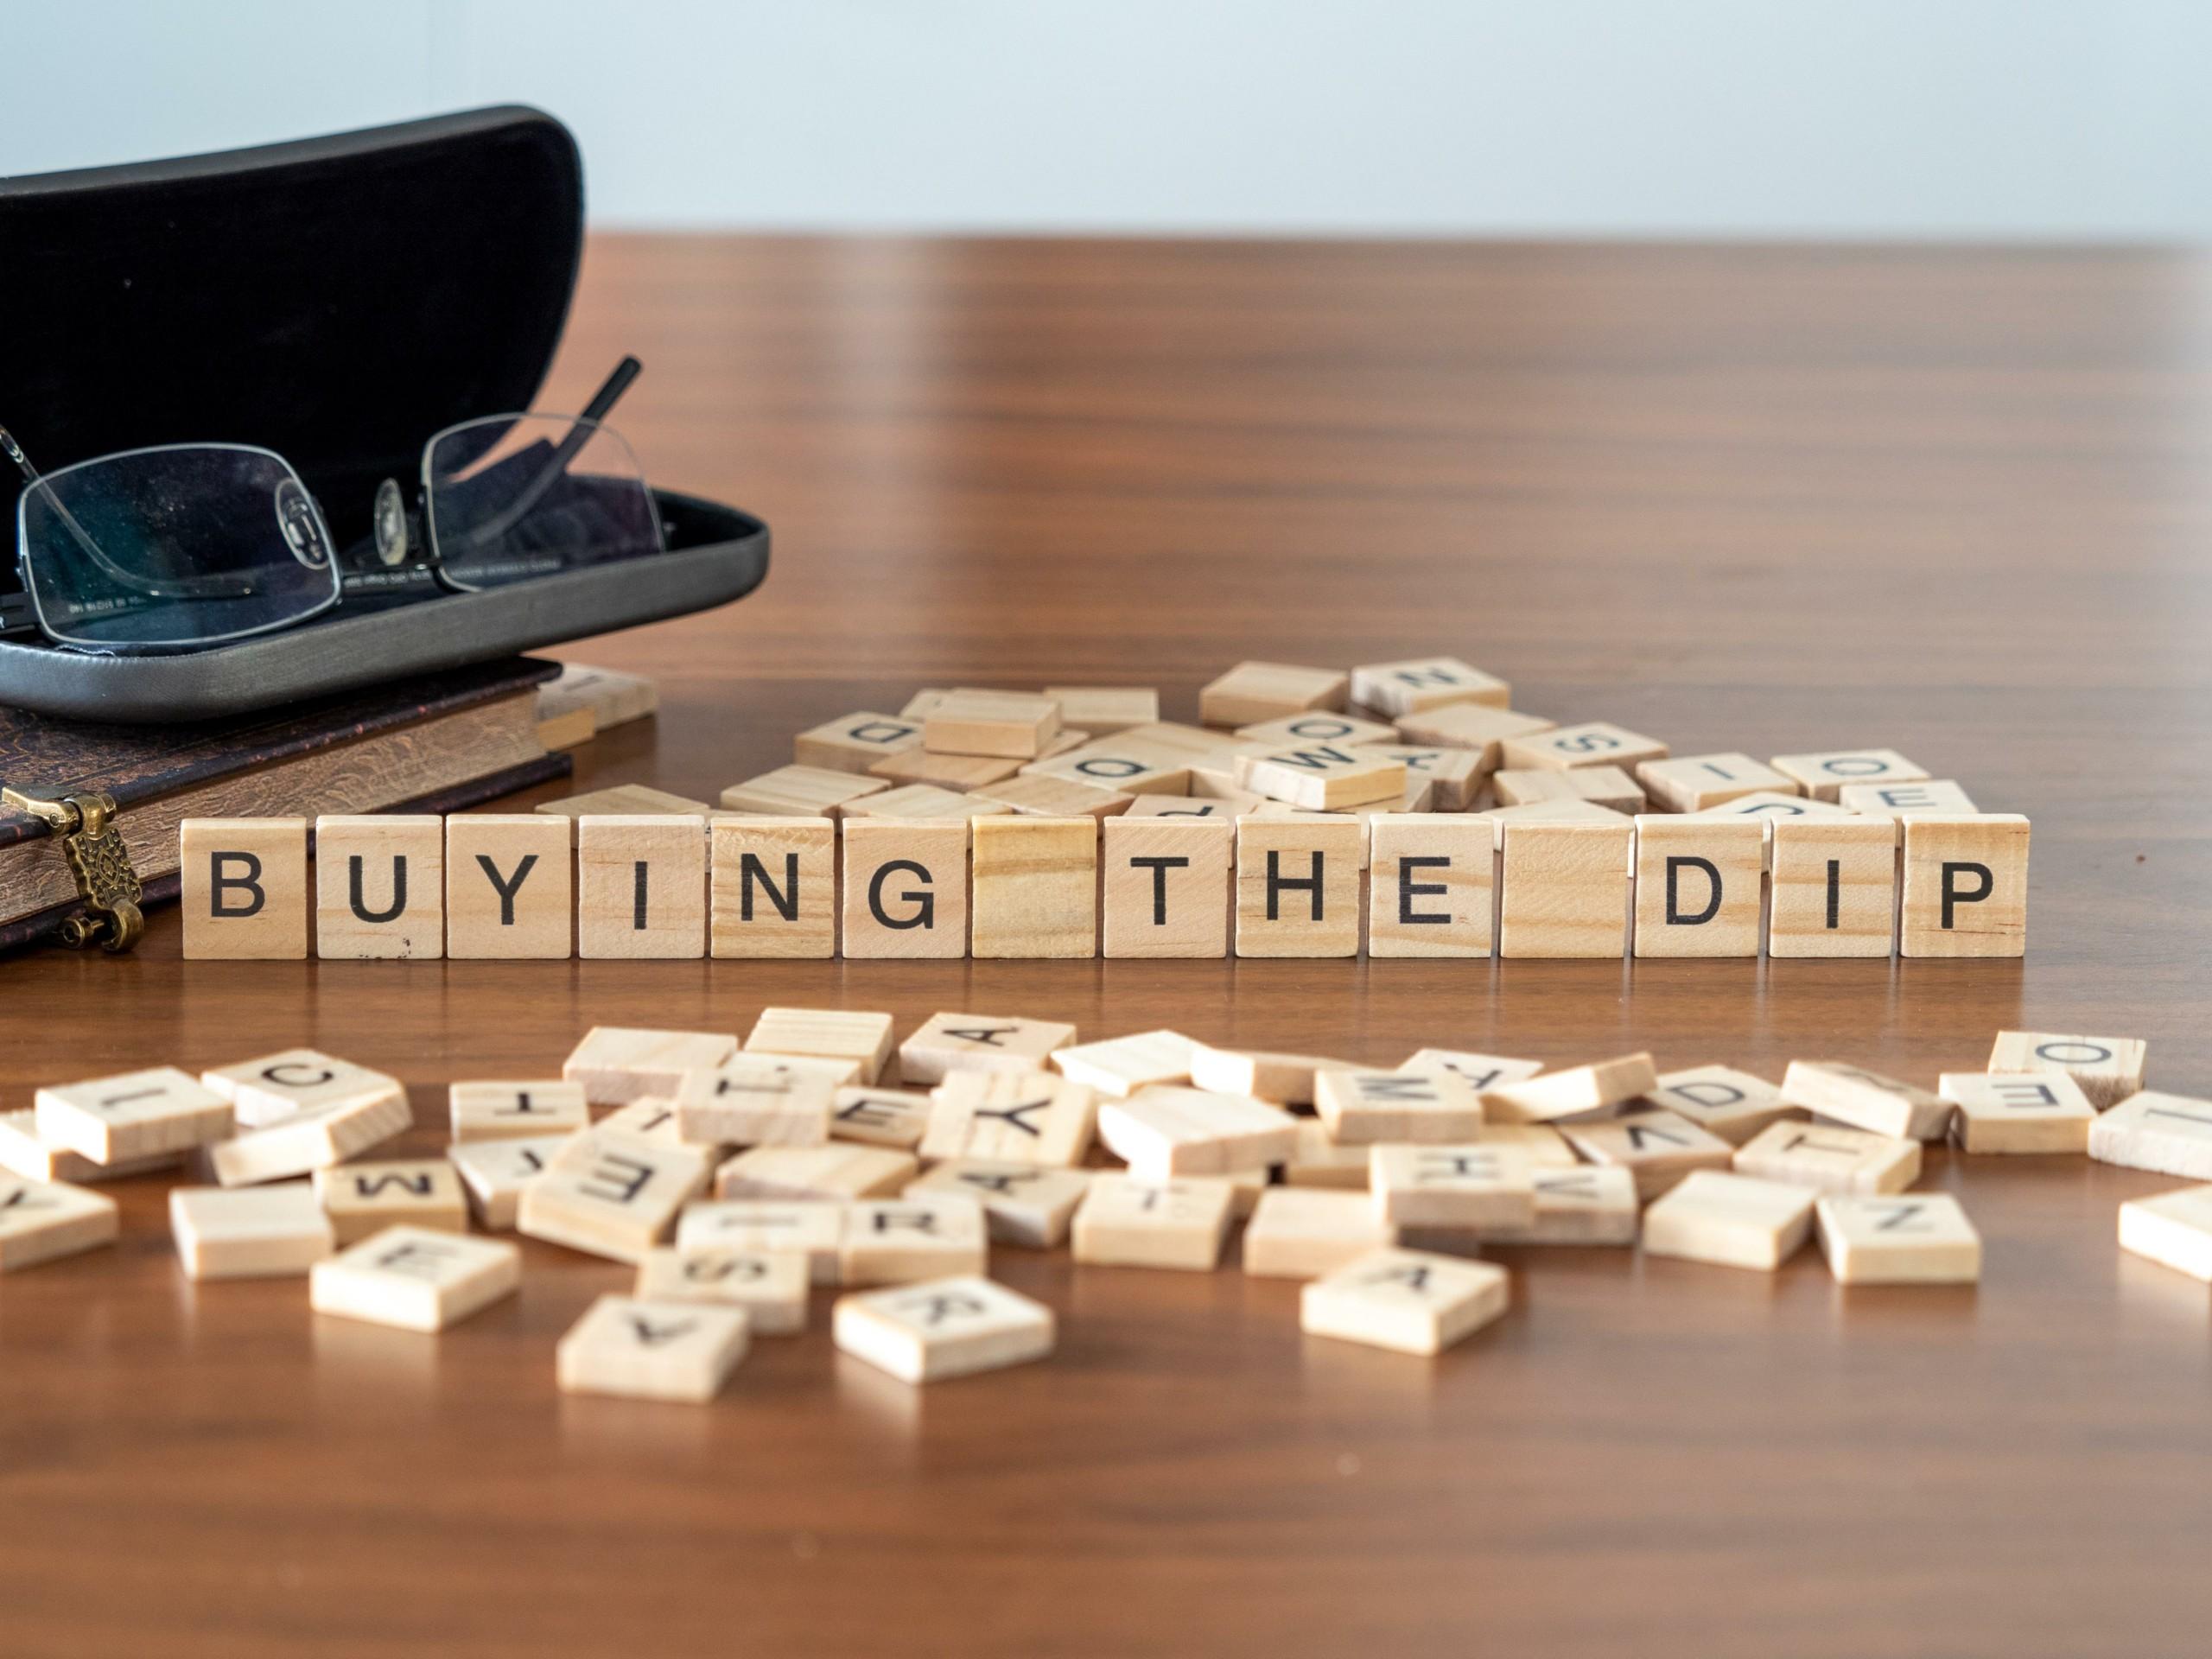 Ewiges Aktien-Börsenspiel von TraderFox: Buy the dip – Interview mit montechristo